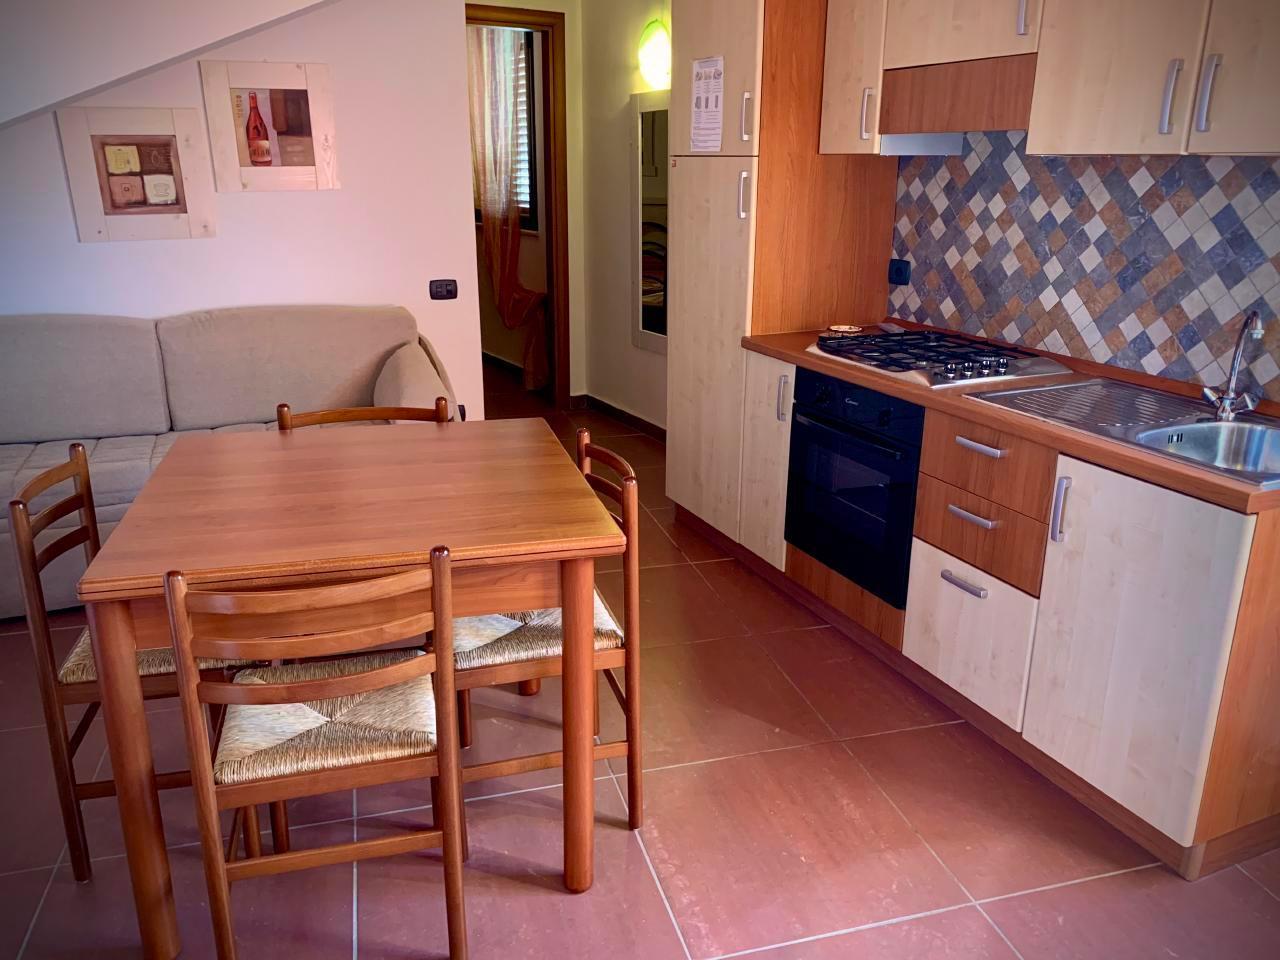 Ferienhaus Ferienwohnungen (405224), Sciacca, Agrigento, Sizilien, Italien, Bild 13